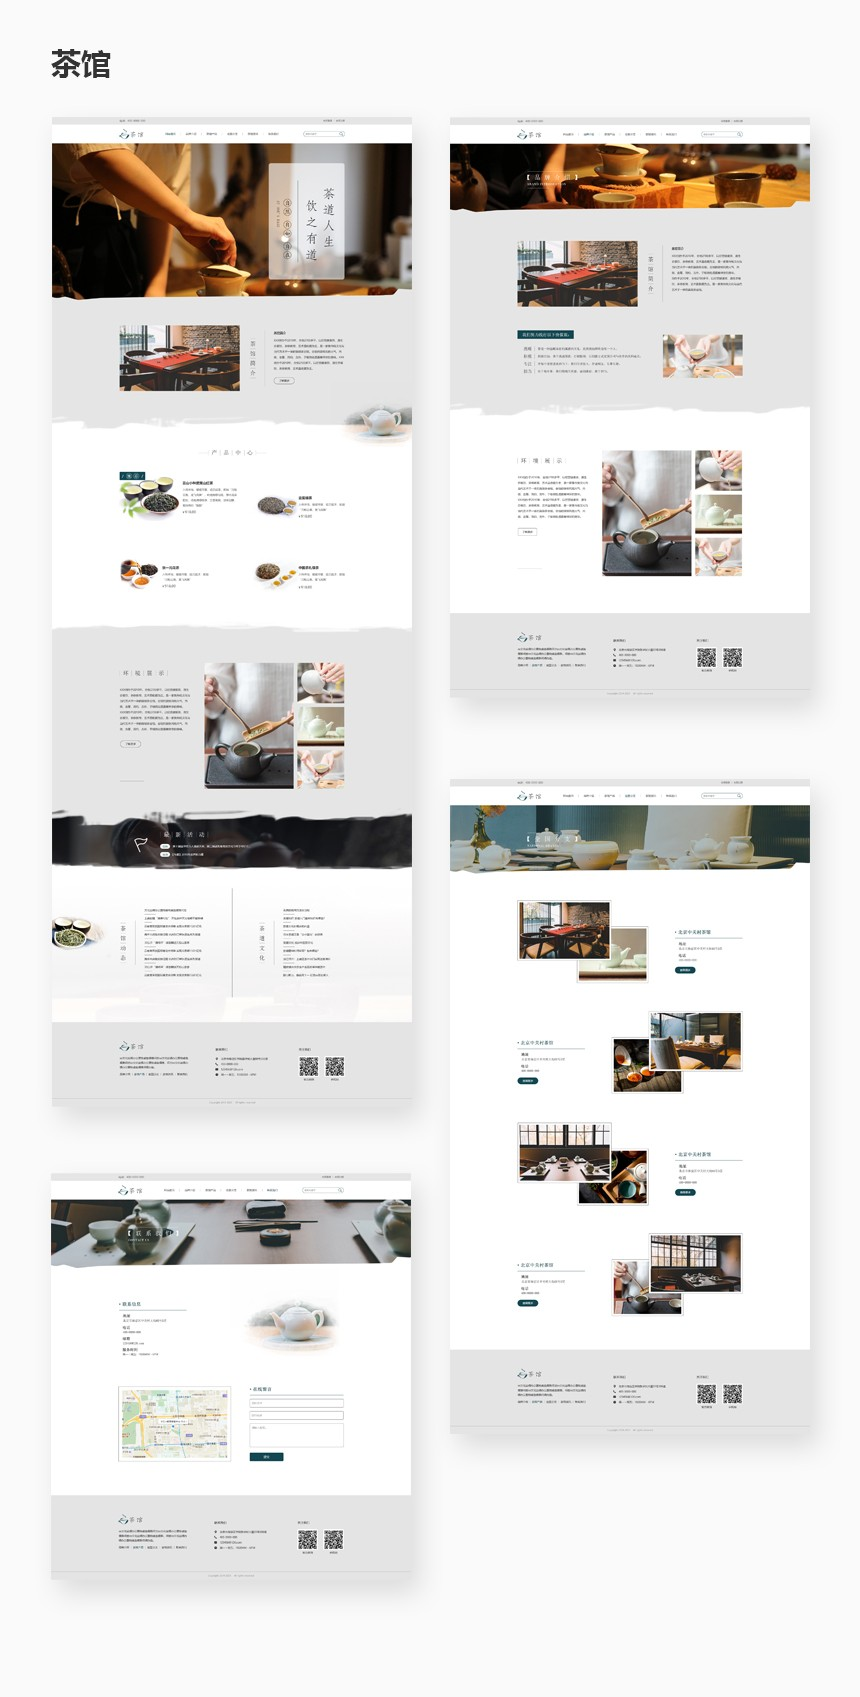 茶馆茶艺网站模板样式-墨绿色